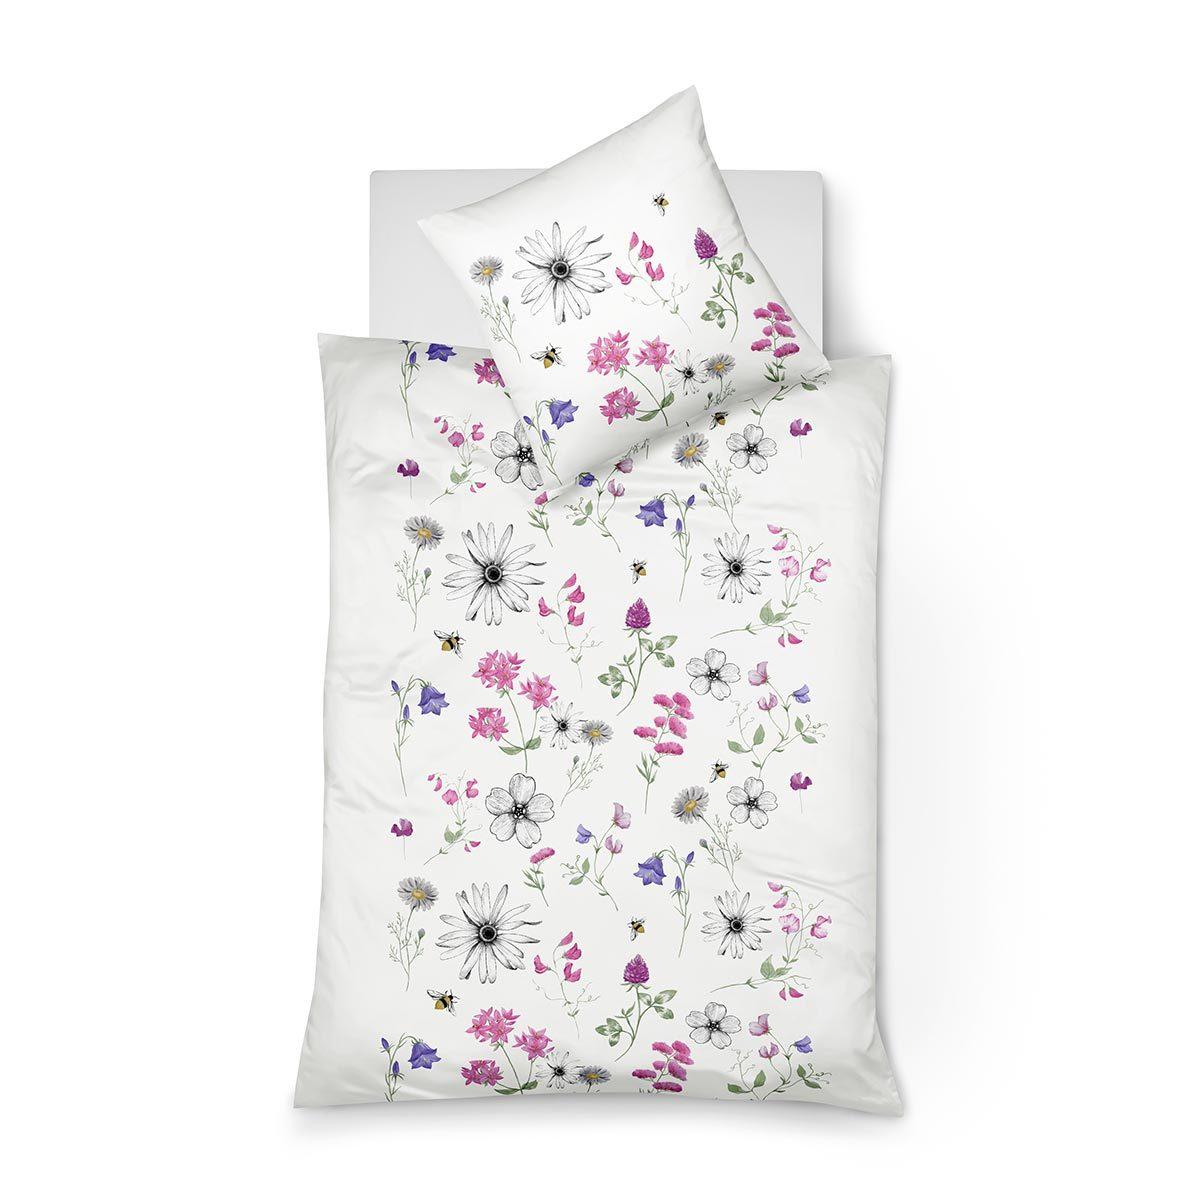 fleuresse mako satin bettw sche modern garden 113825 09 g nstig online kaufen bei bettwaren shop. Black Bedroom Furniture Sets. Home Design Ideas